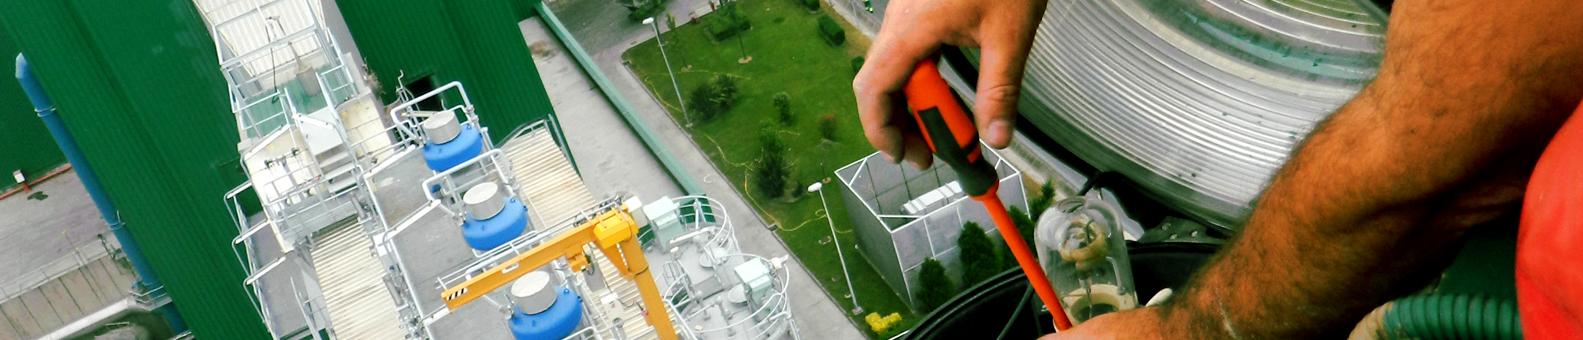 SERAC Trabajos Verticales Sector Industrial en Cantabria